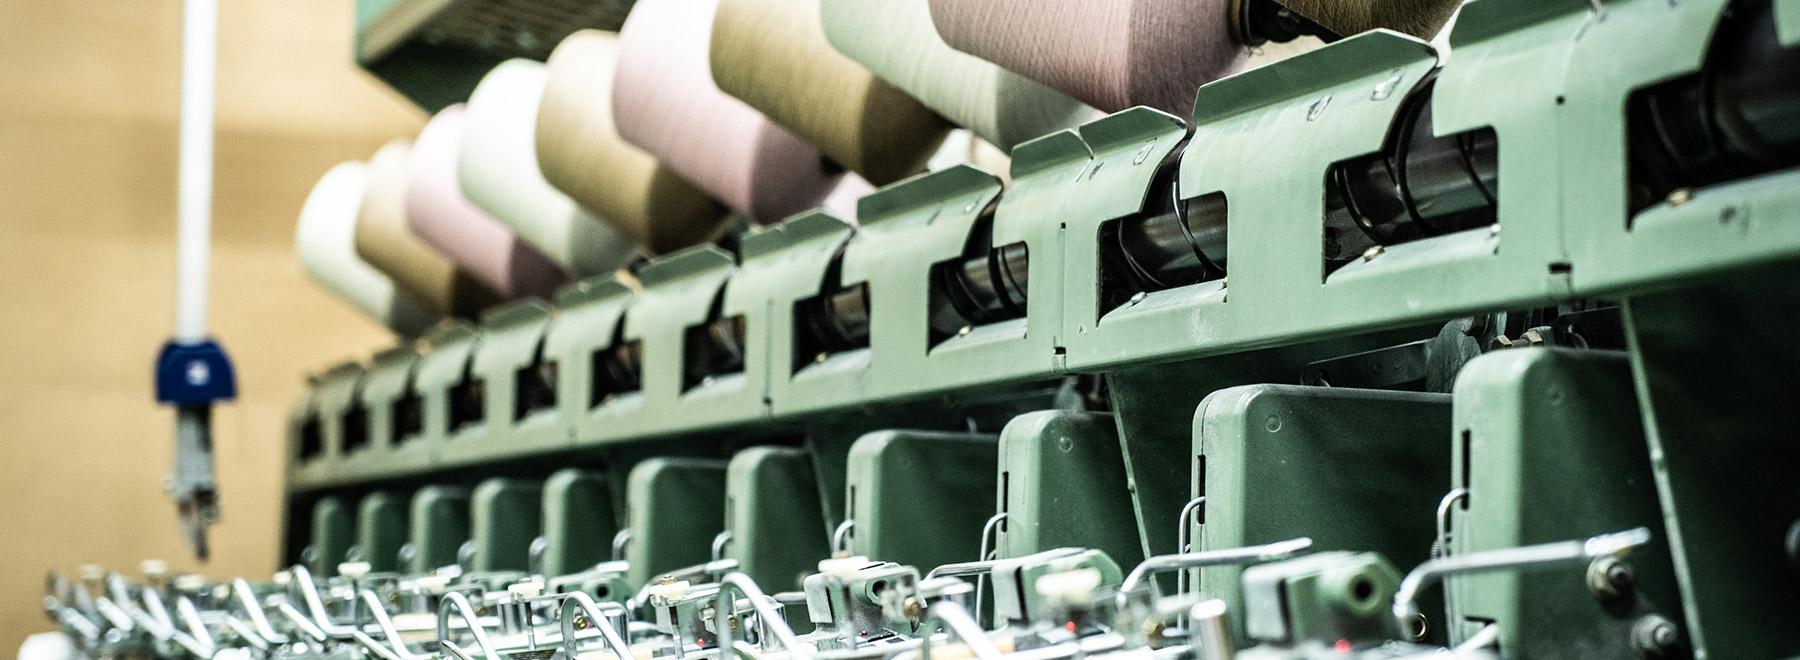 新潟のニット製造メーカー サトウレーヌ